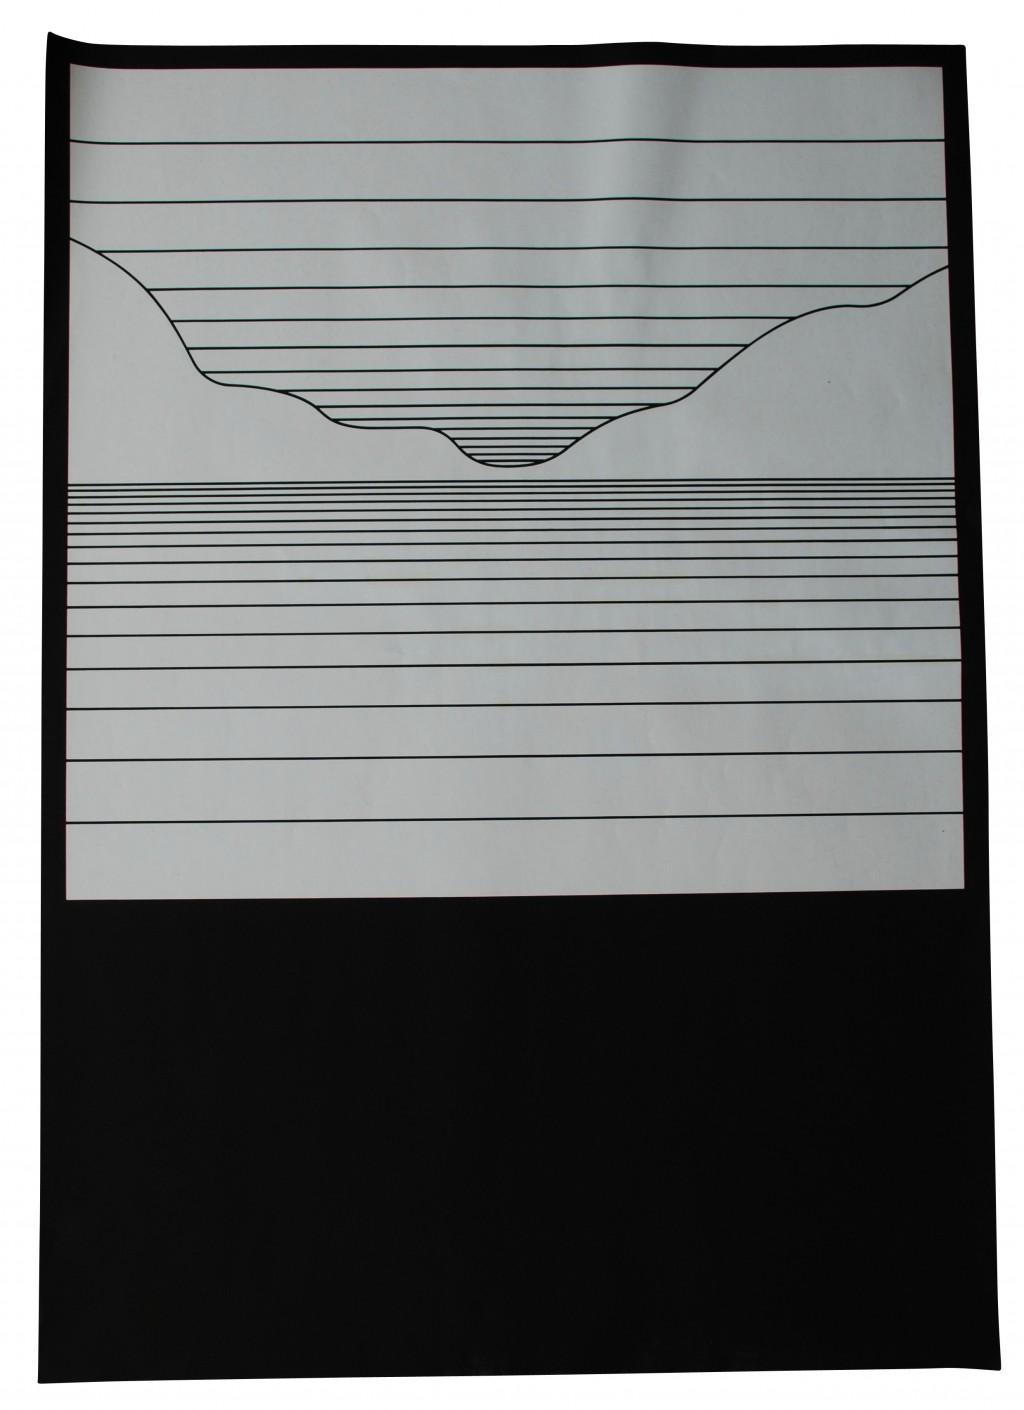 Künstlerplakat, Otl Aicher 1970er Jahre